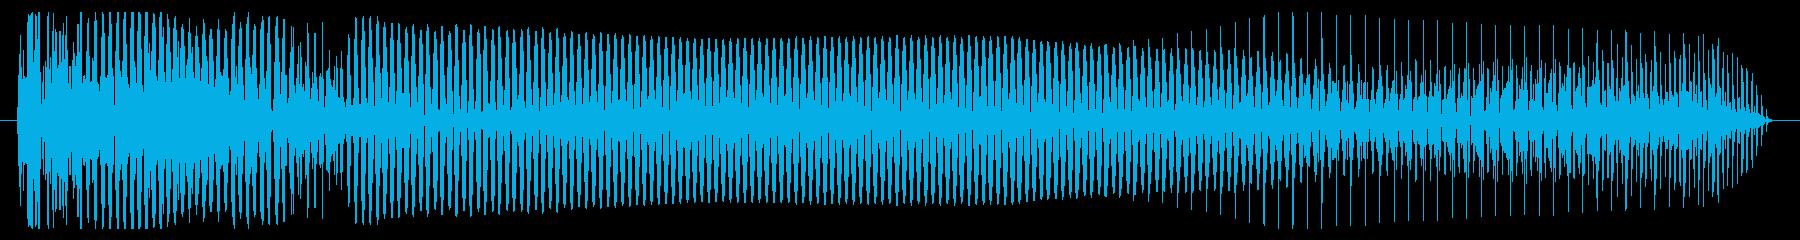 低シンセベースの音のヒットの再生済みの波形